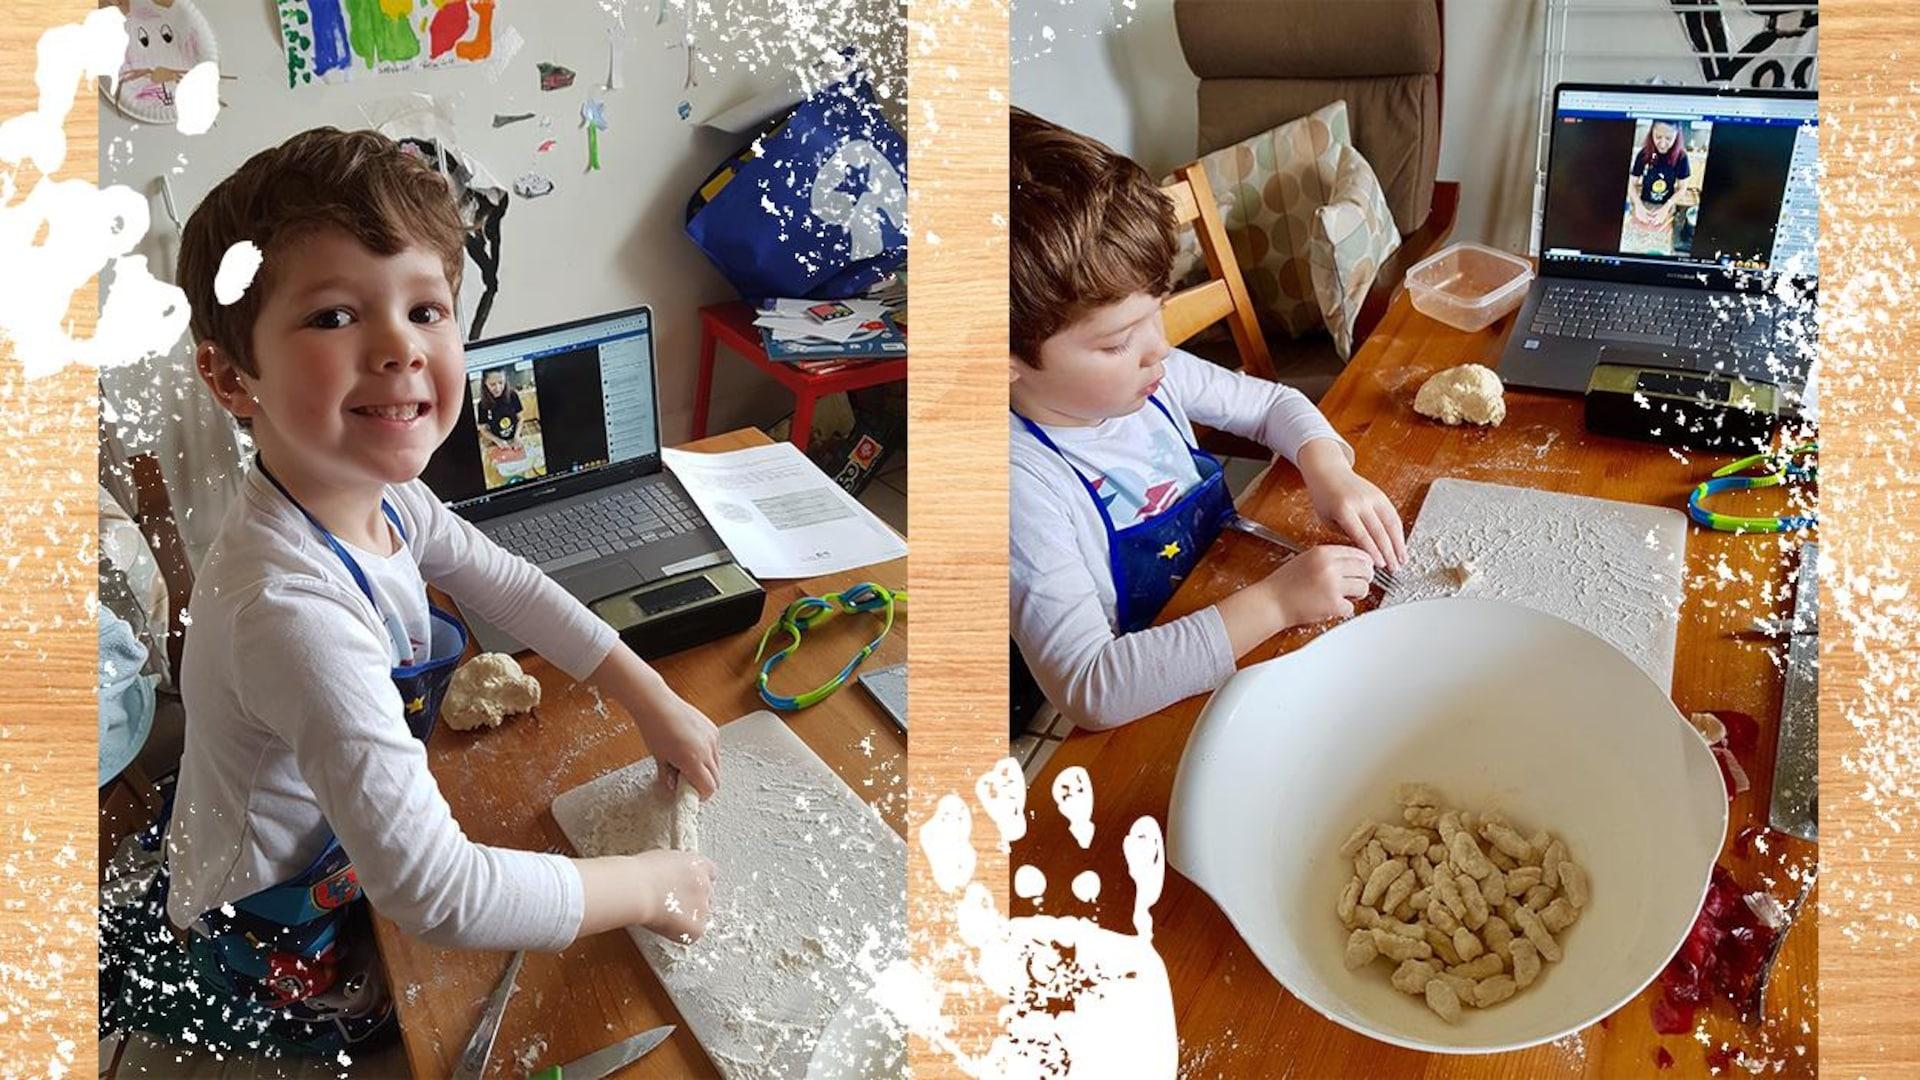 Un petit garçon cuisine avec de la farine